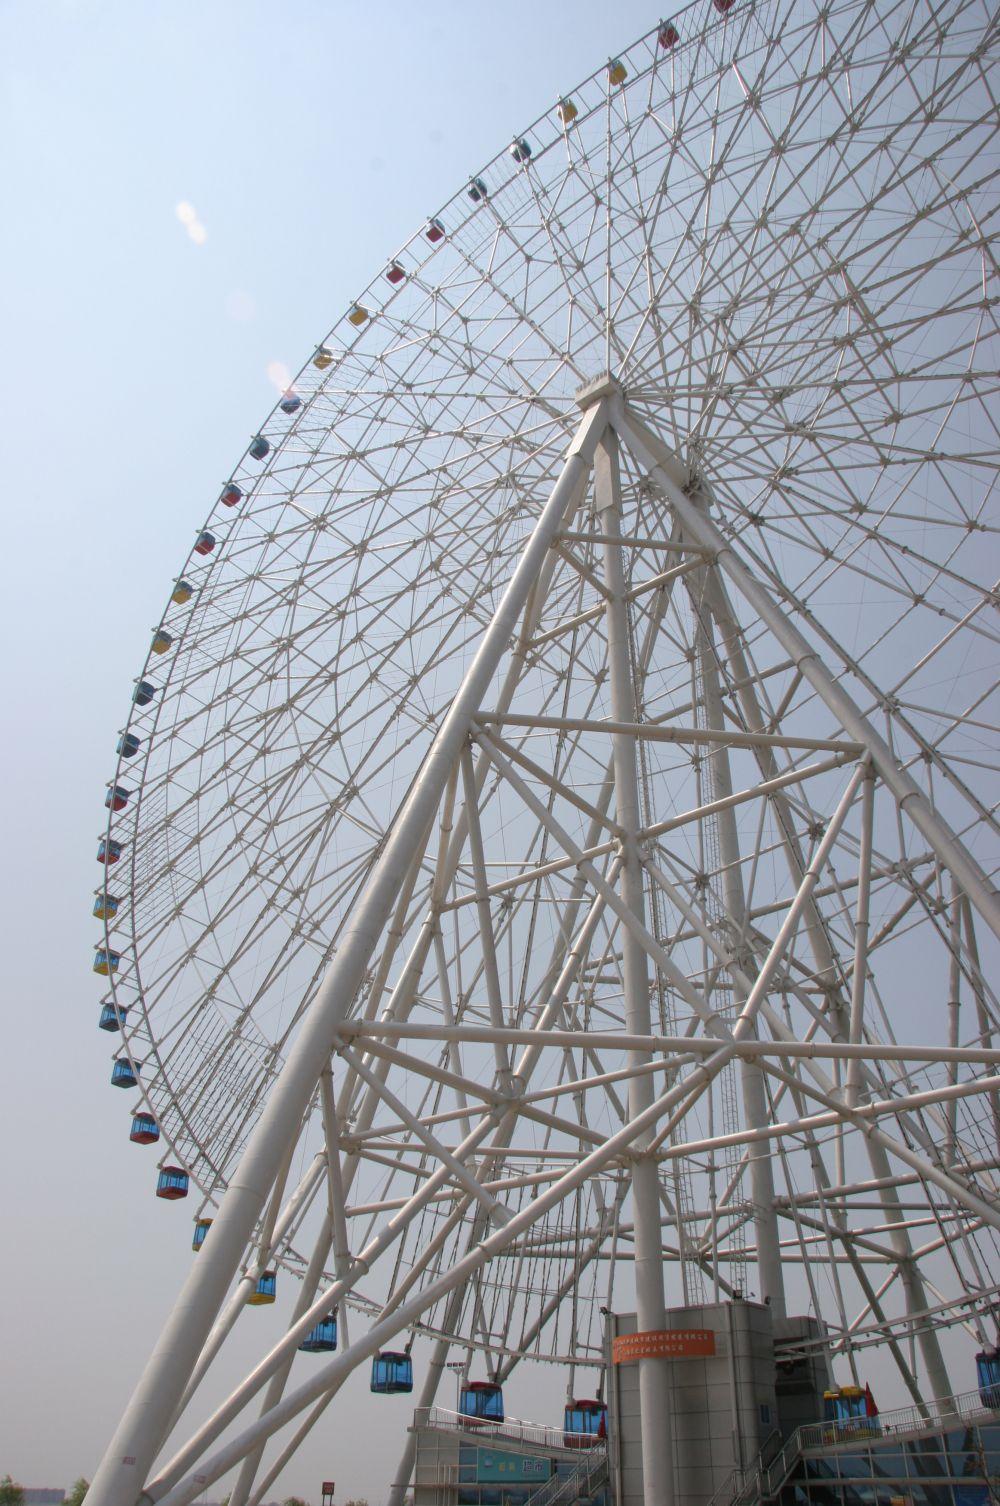 В Китае установлено колесо обозрения «Звезда Наньчана», занимающее второе место в мире по высоте. Особенность этого колеса в том, что оно постоянно движется. Полный оборот колесо совершает за полчаса, в связи с чем у посетителей не возникает трудностей с тем, чтобы подняться на аттракцион.